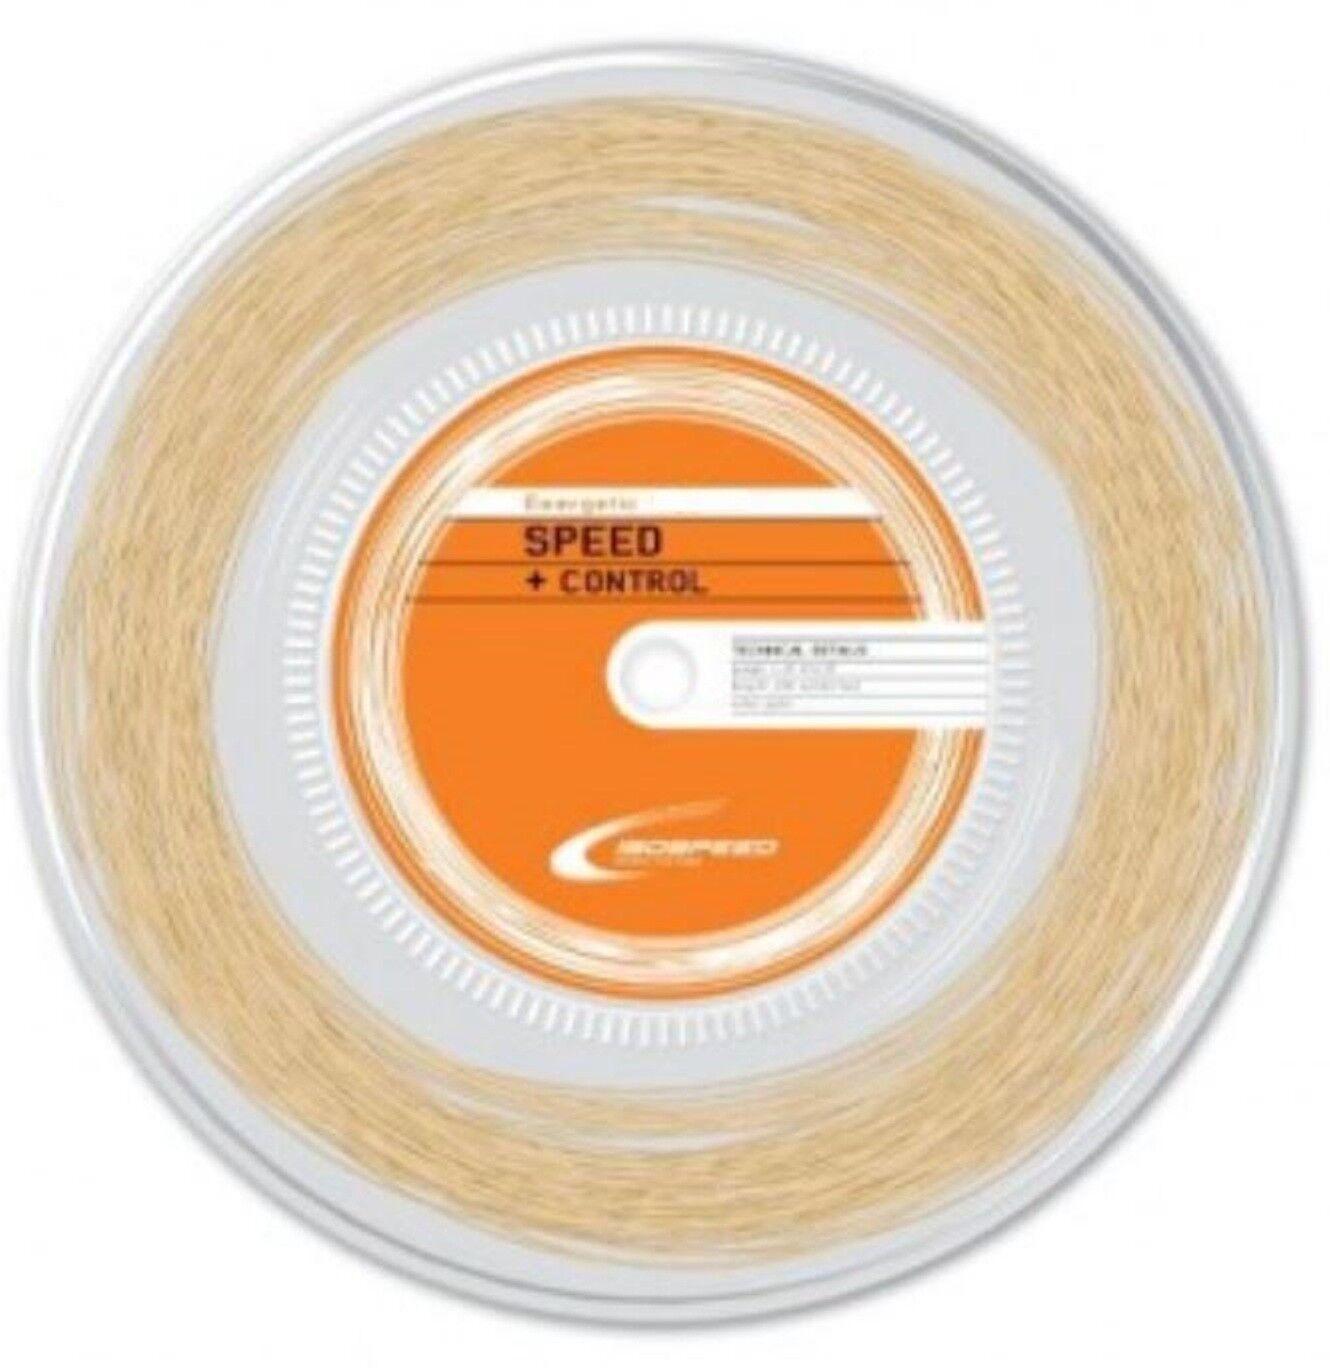 Isospeed Energetic Energetic Energetic Gold 200 m 1,30 mm tennis Strings ab9d32